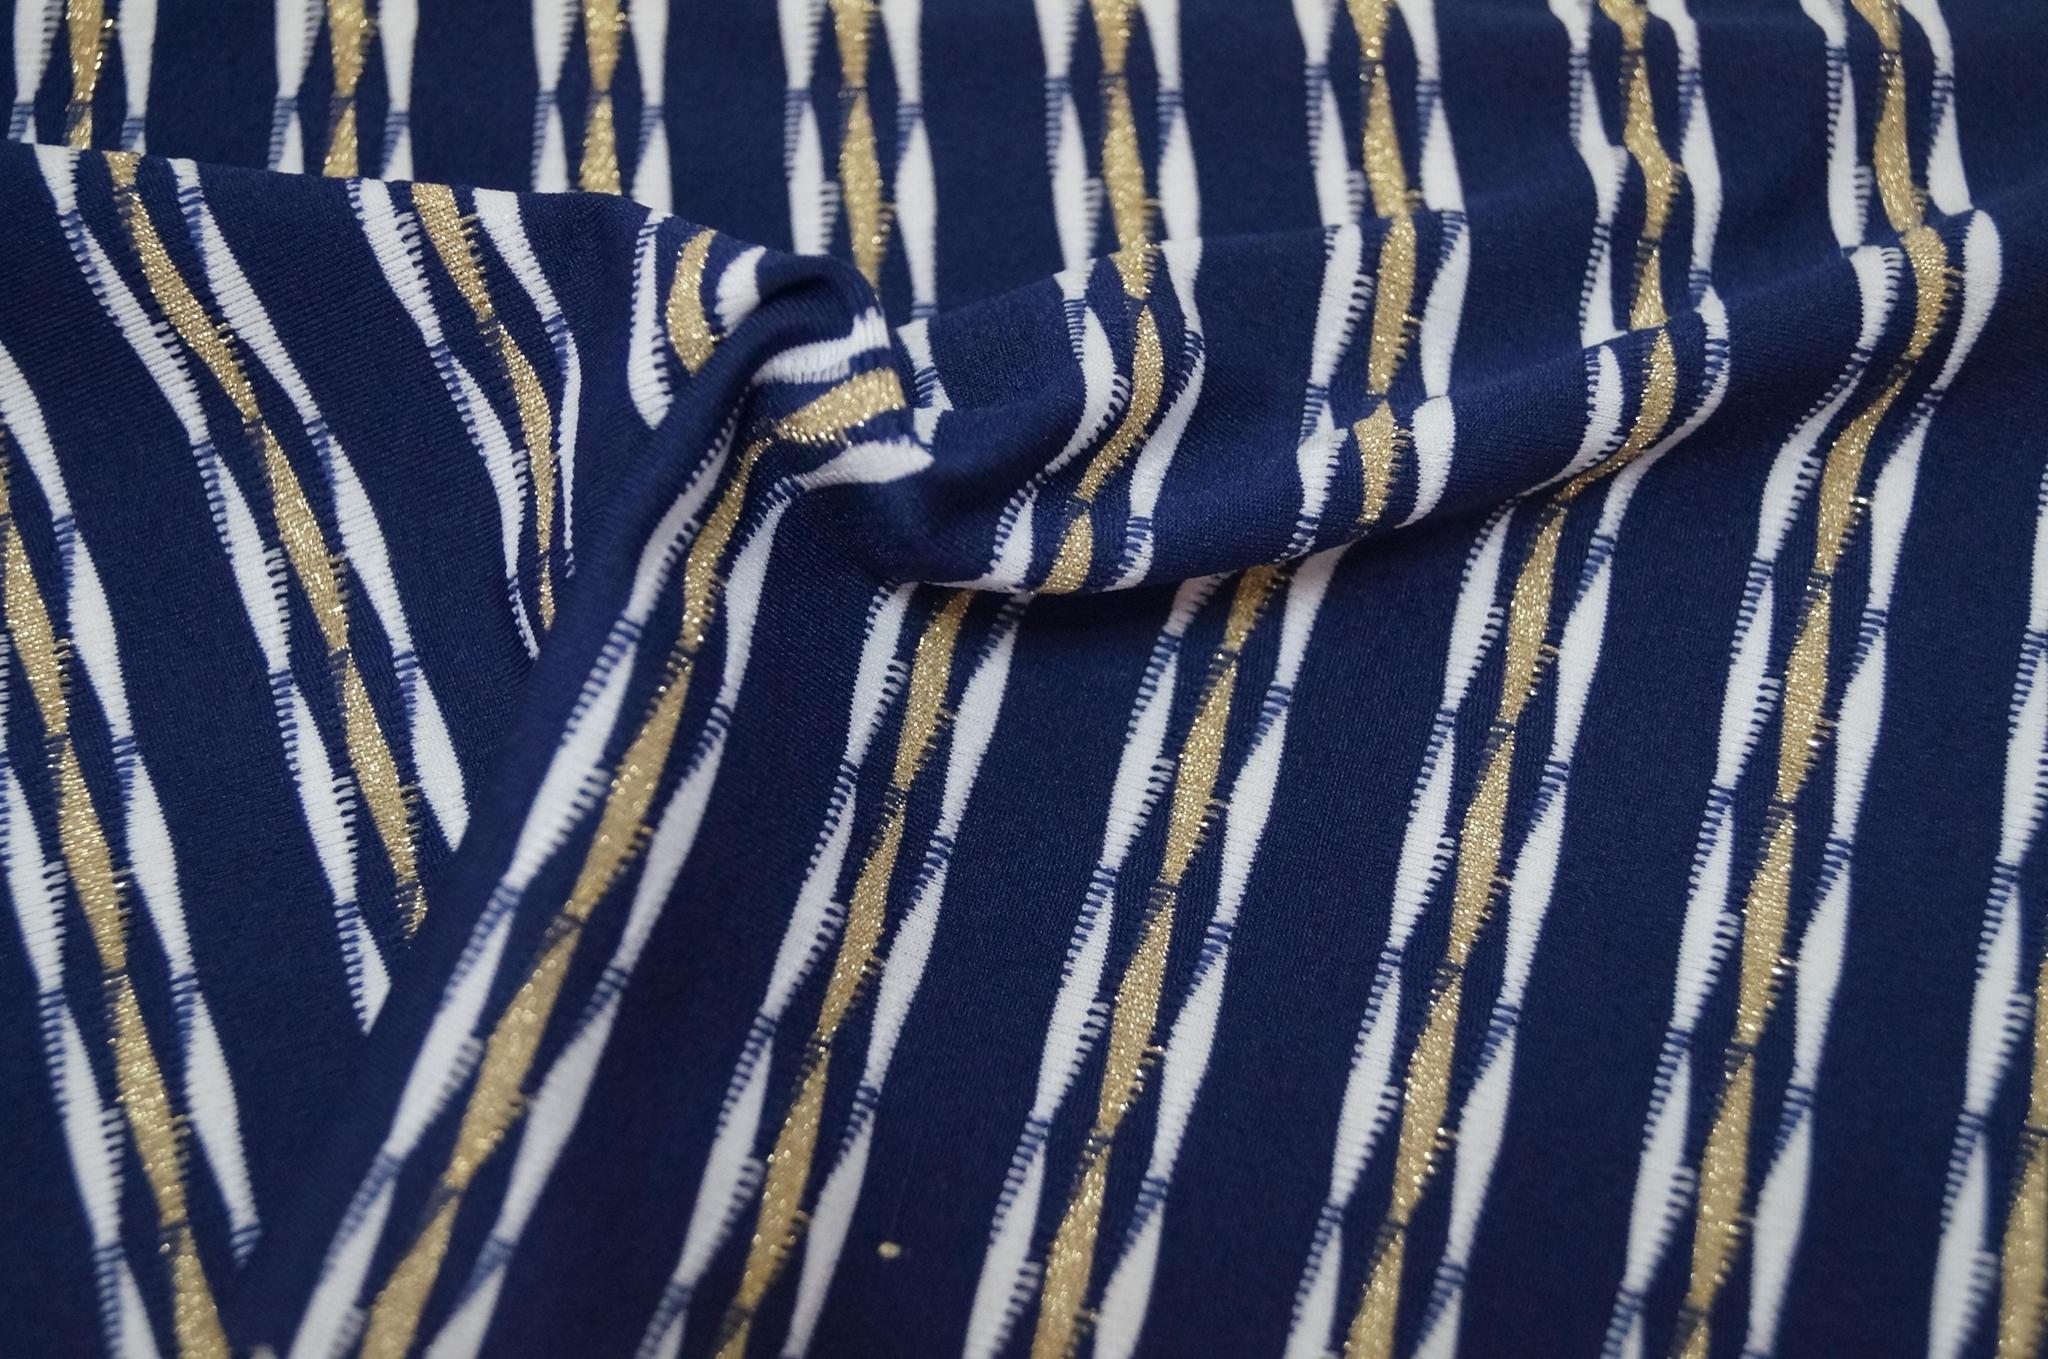 锦纶涤纶金银线色织条子针织弹力拉架面料布 5